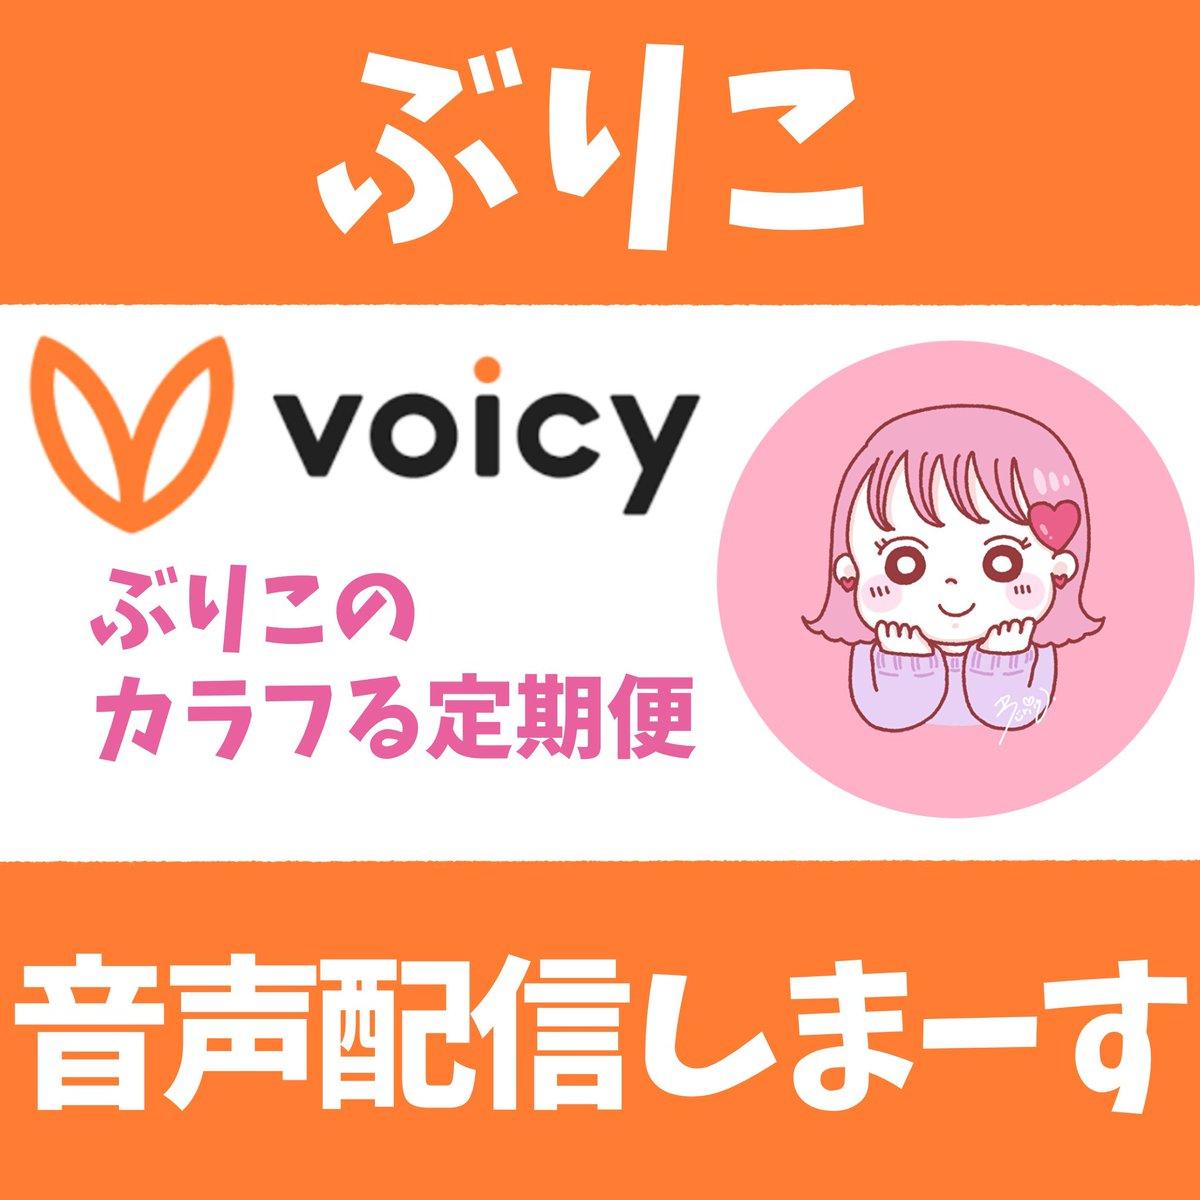 【お知らせ】この度、Voicyパーソナリティになりました!!!これからよろしくお願いします✨#1 ぶりこVoicyはじめるってよ! - ぶりこ#Voicy